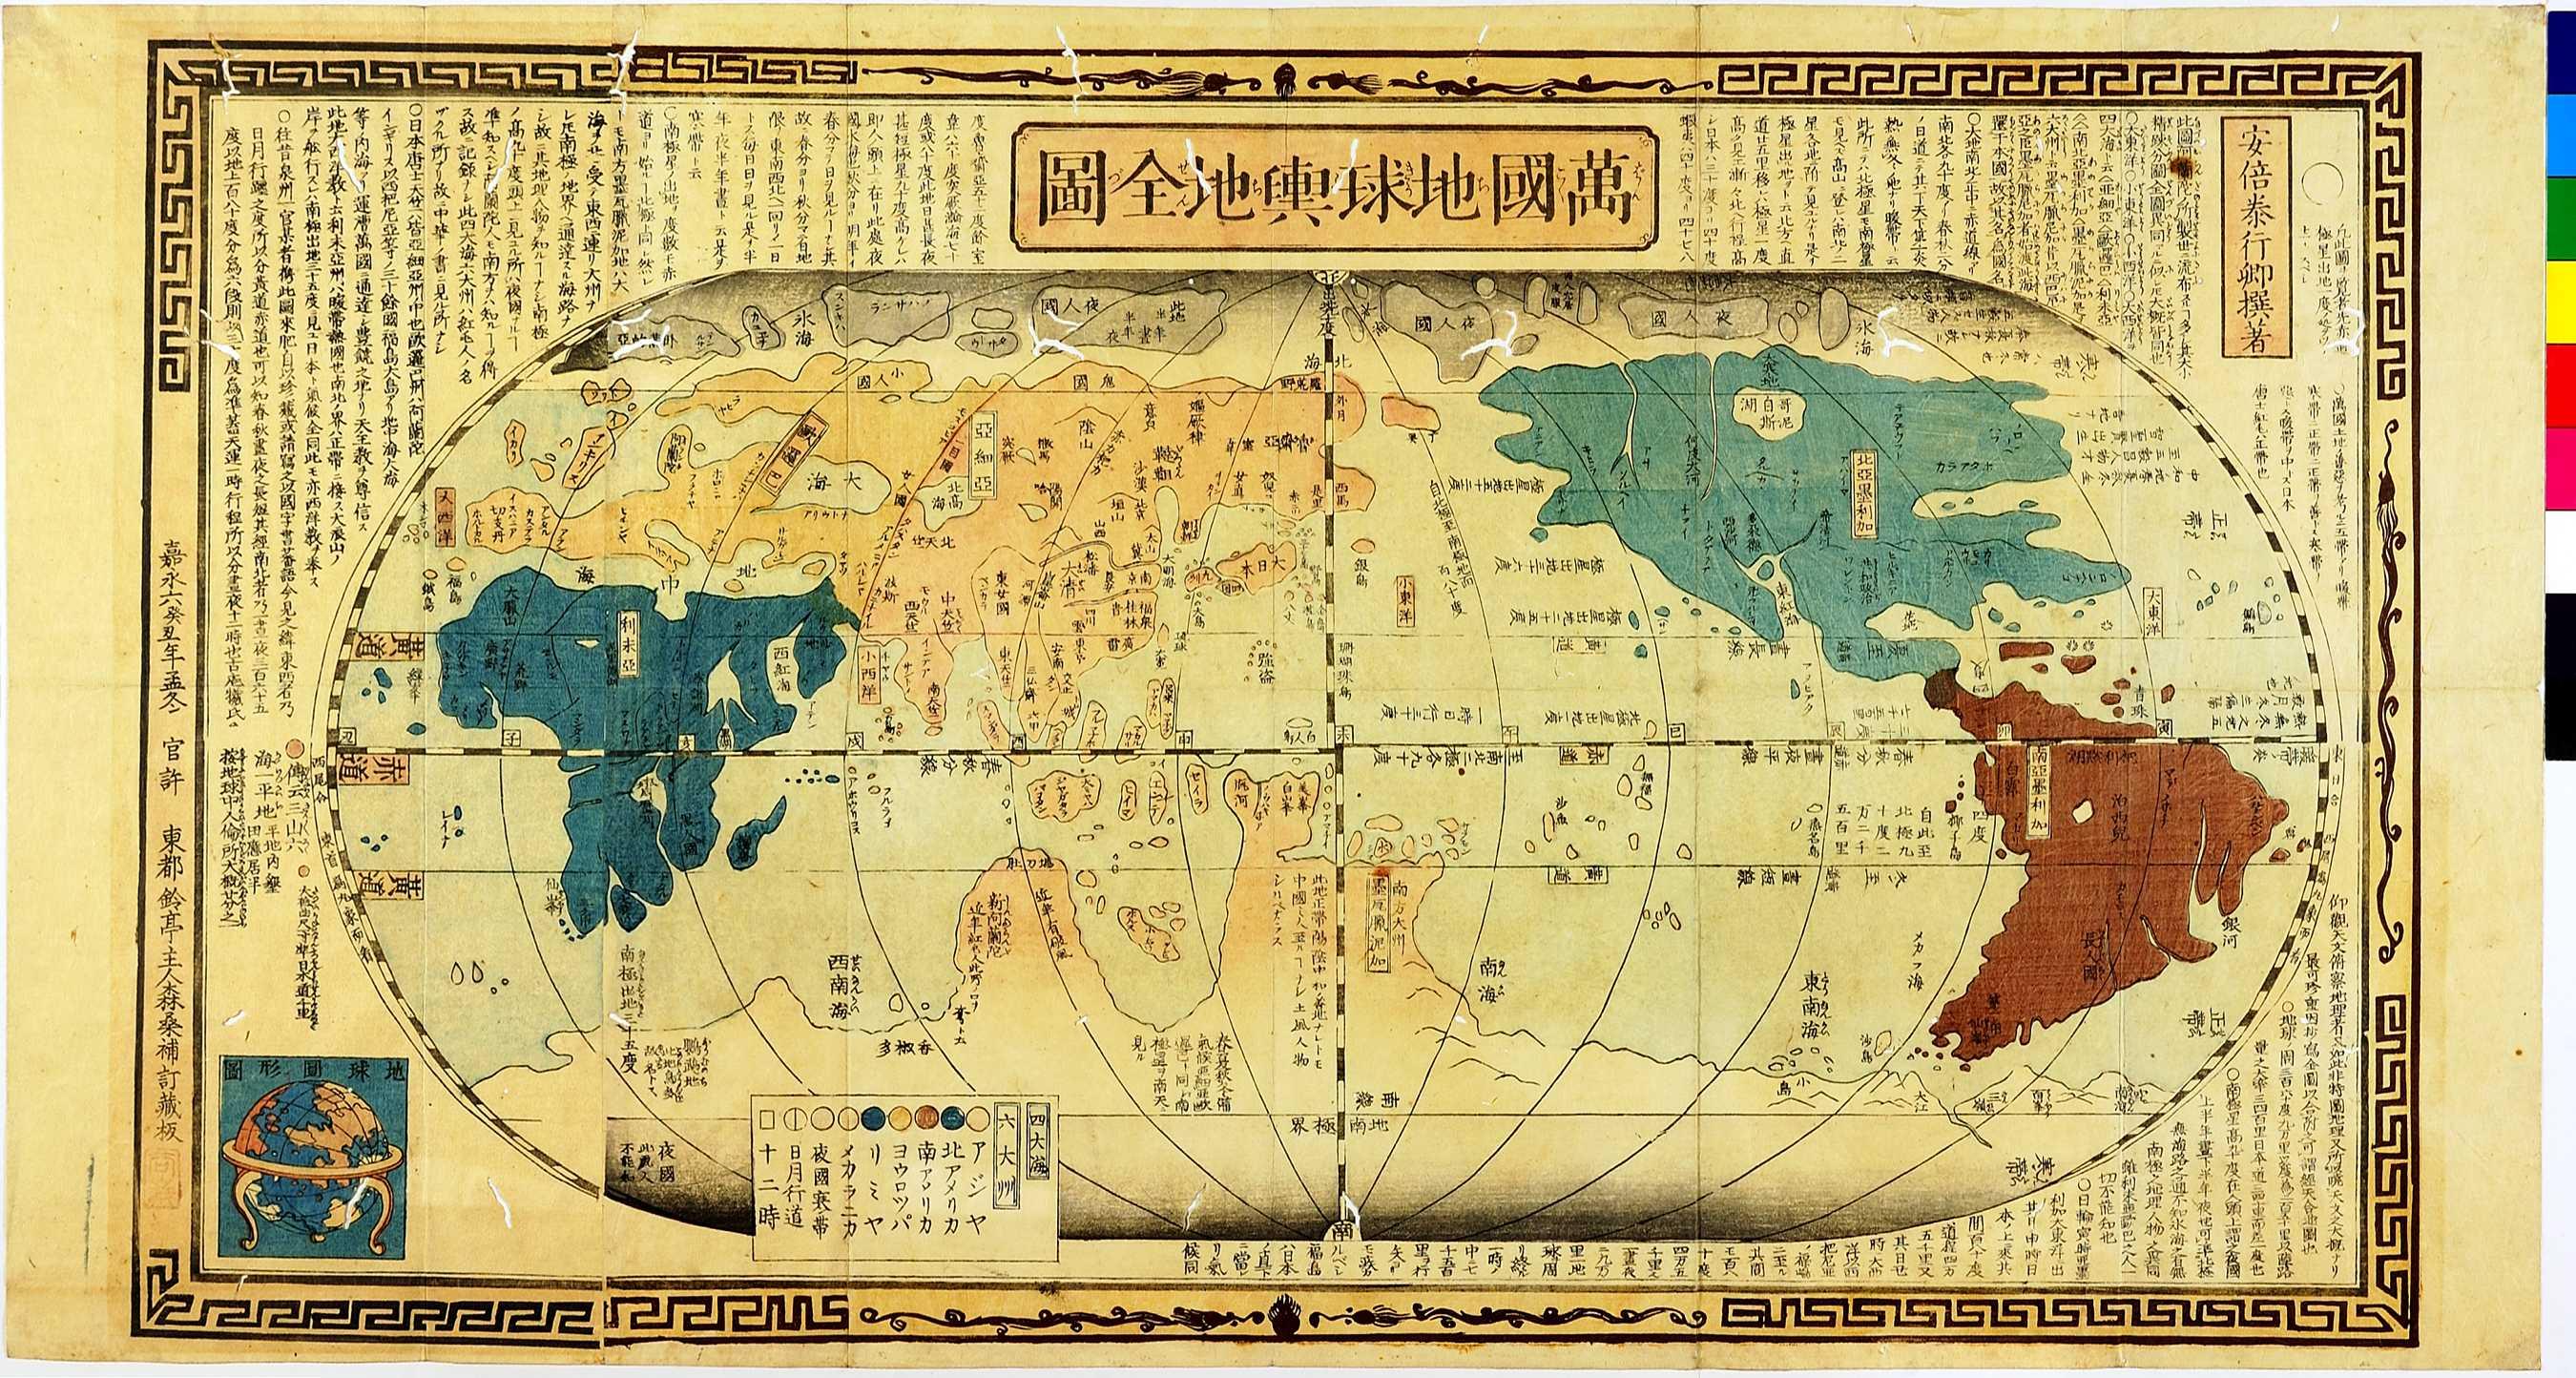 04.01 万国地球与地全図 (Map of All the Countries in the World)